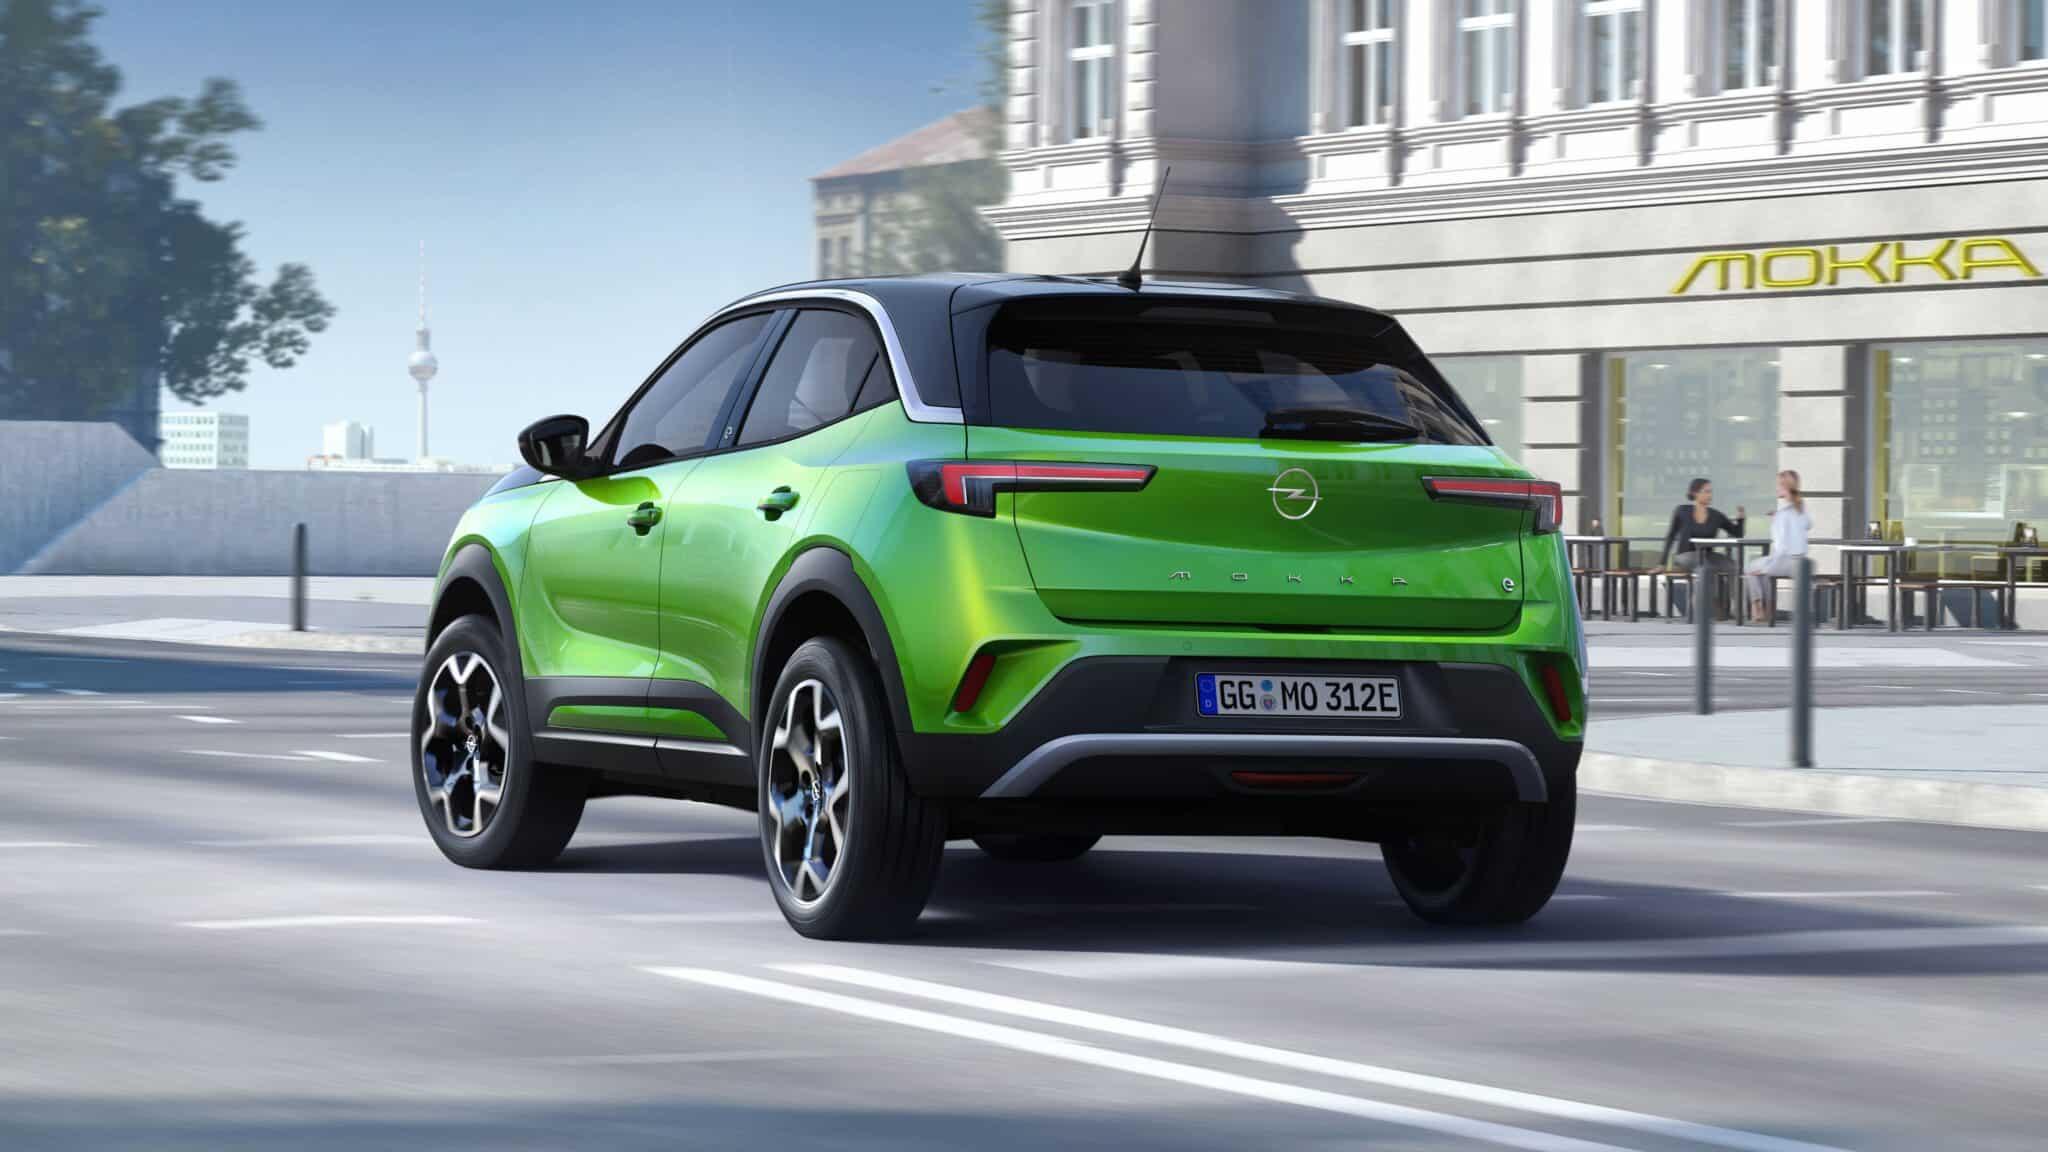 Opel Mokka elektrisch und voller Energie » 03 Opel Mokka e 512165 min scaled